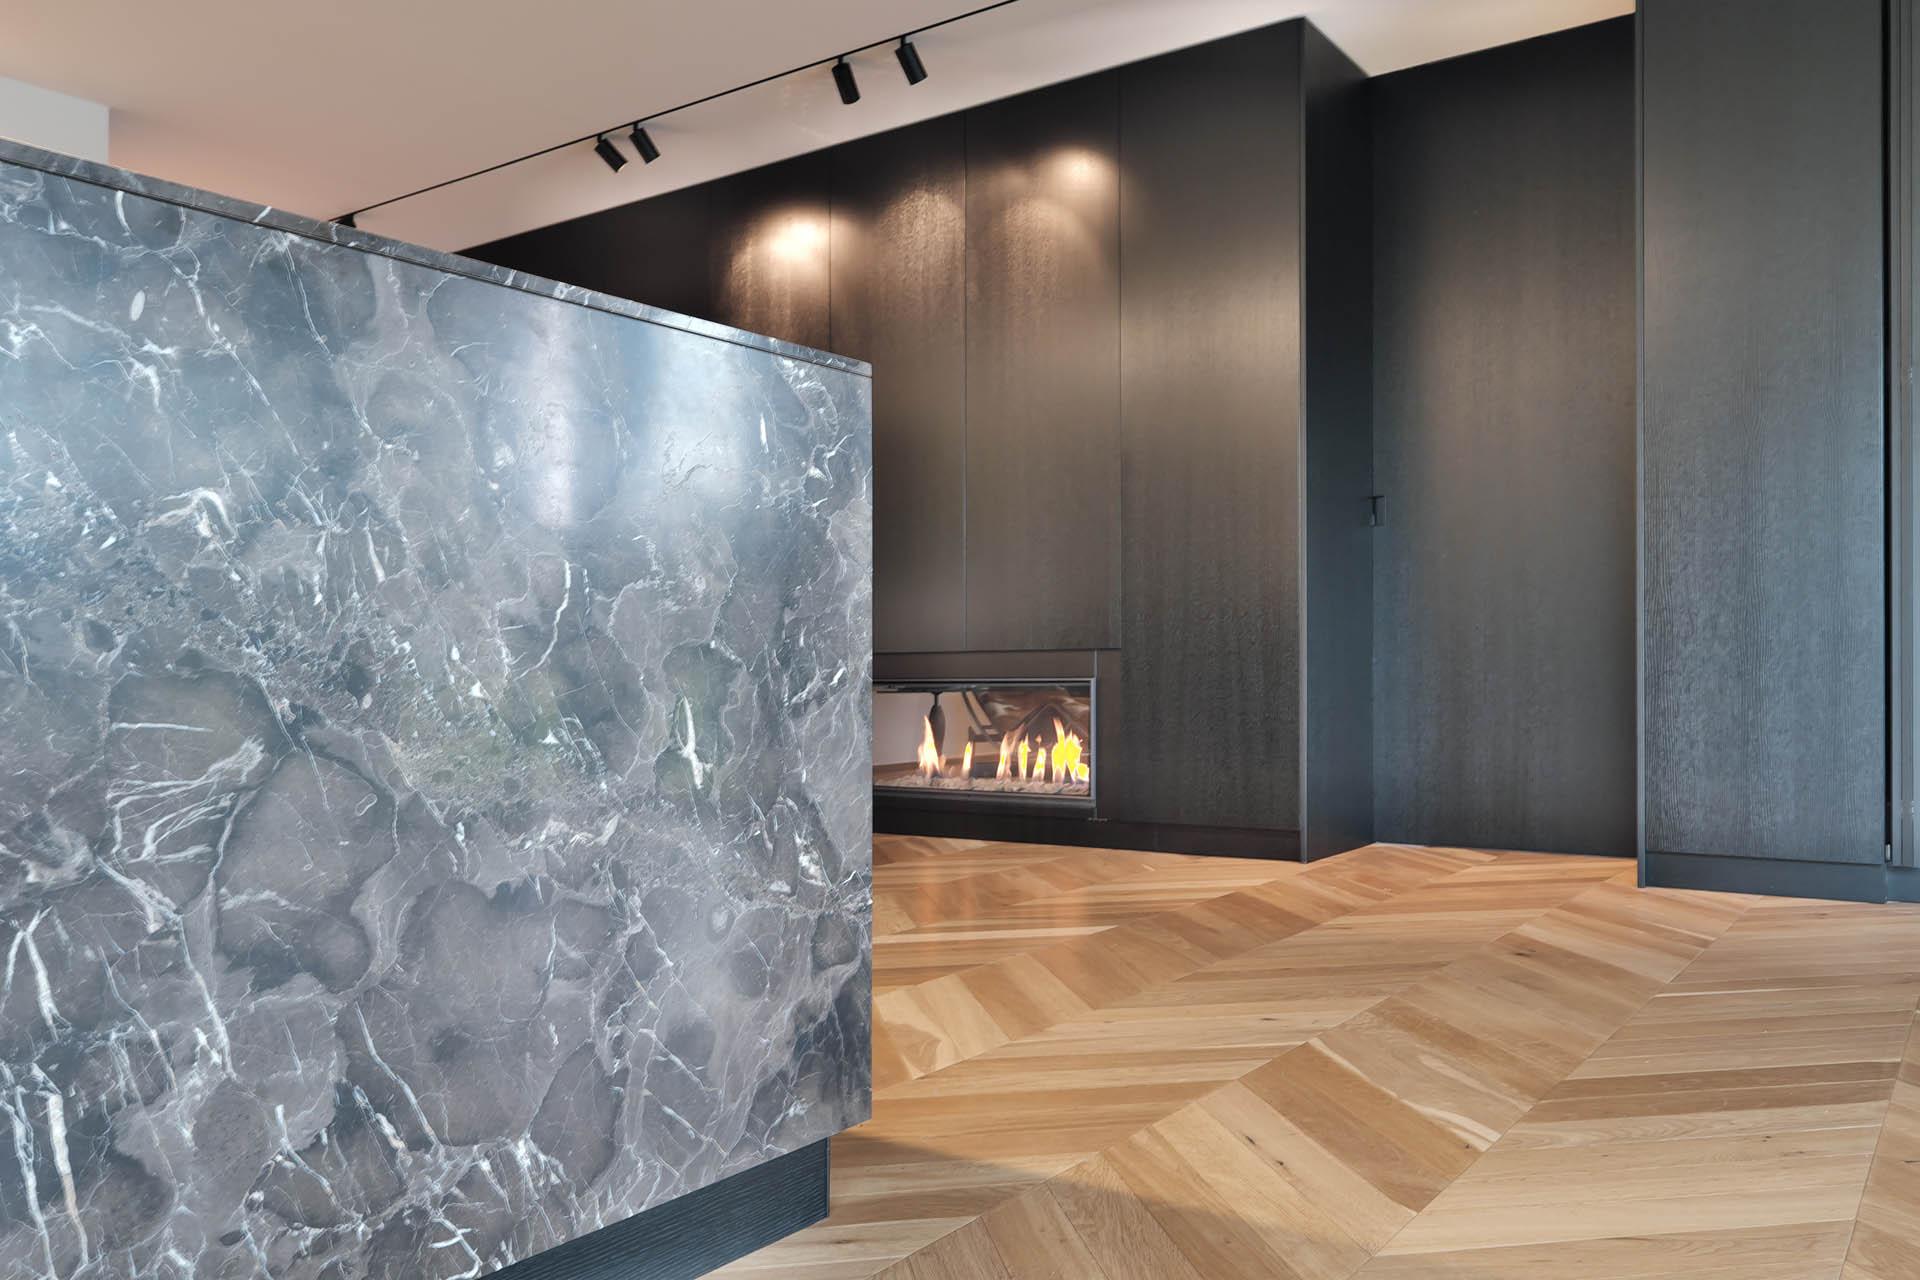 Wohnküche mit Kamin - Marmor und Holz